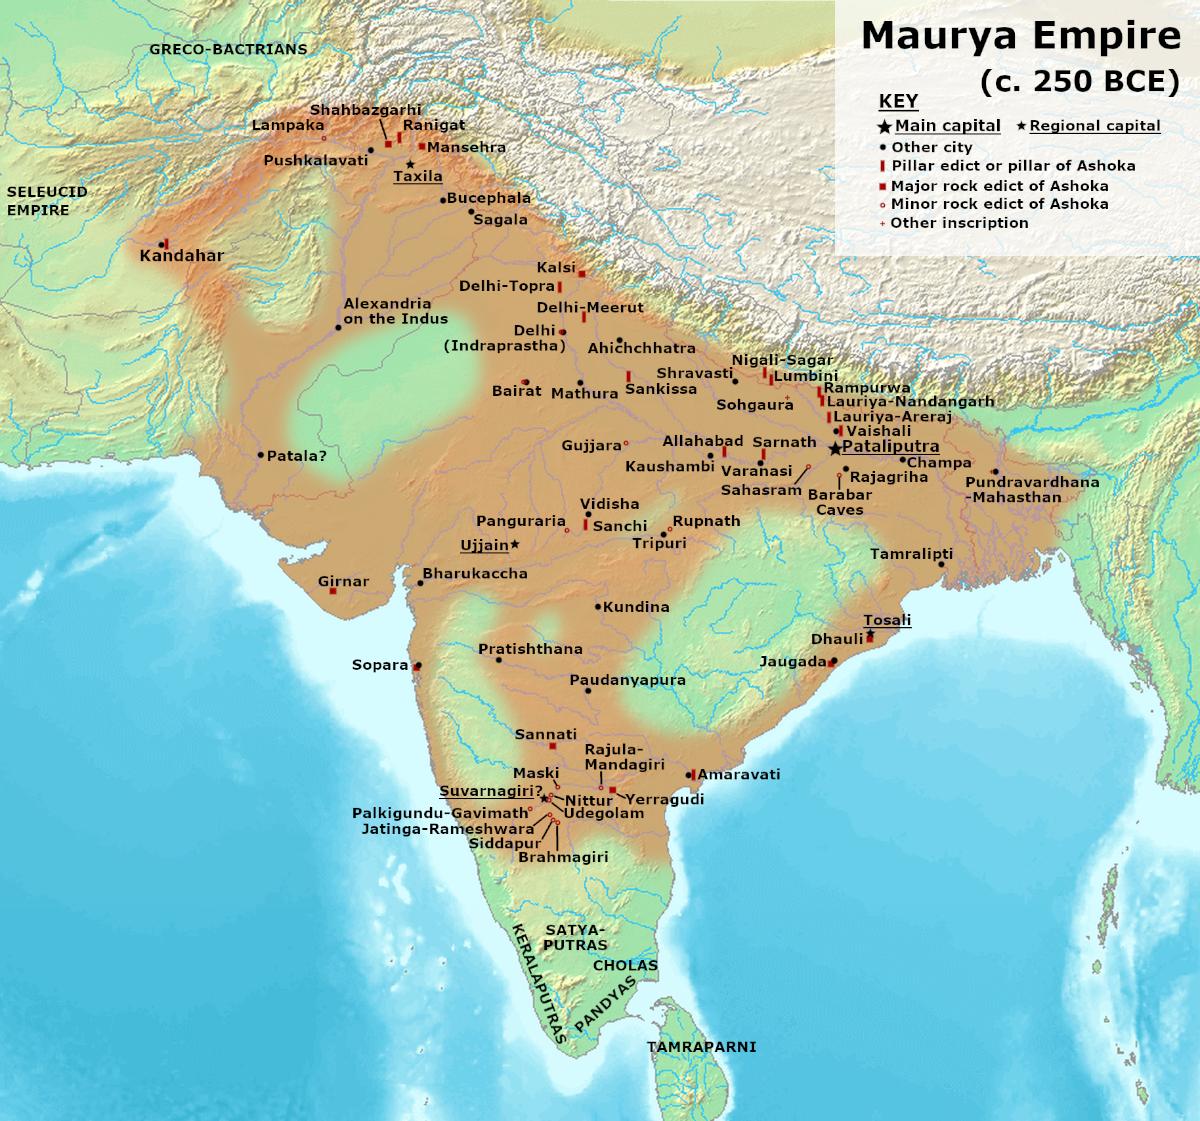 Maurya Dynasty in 250 BCE